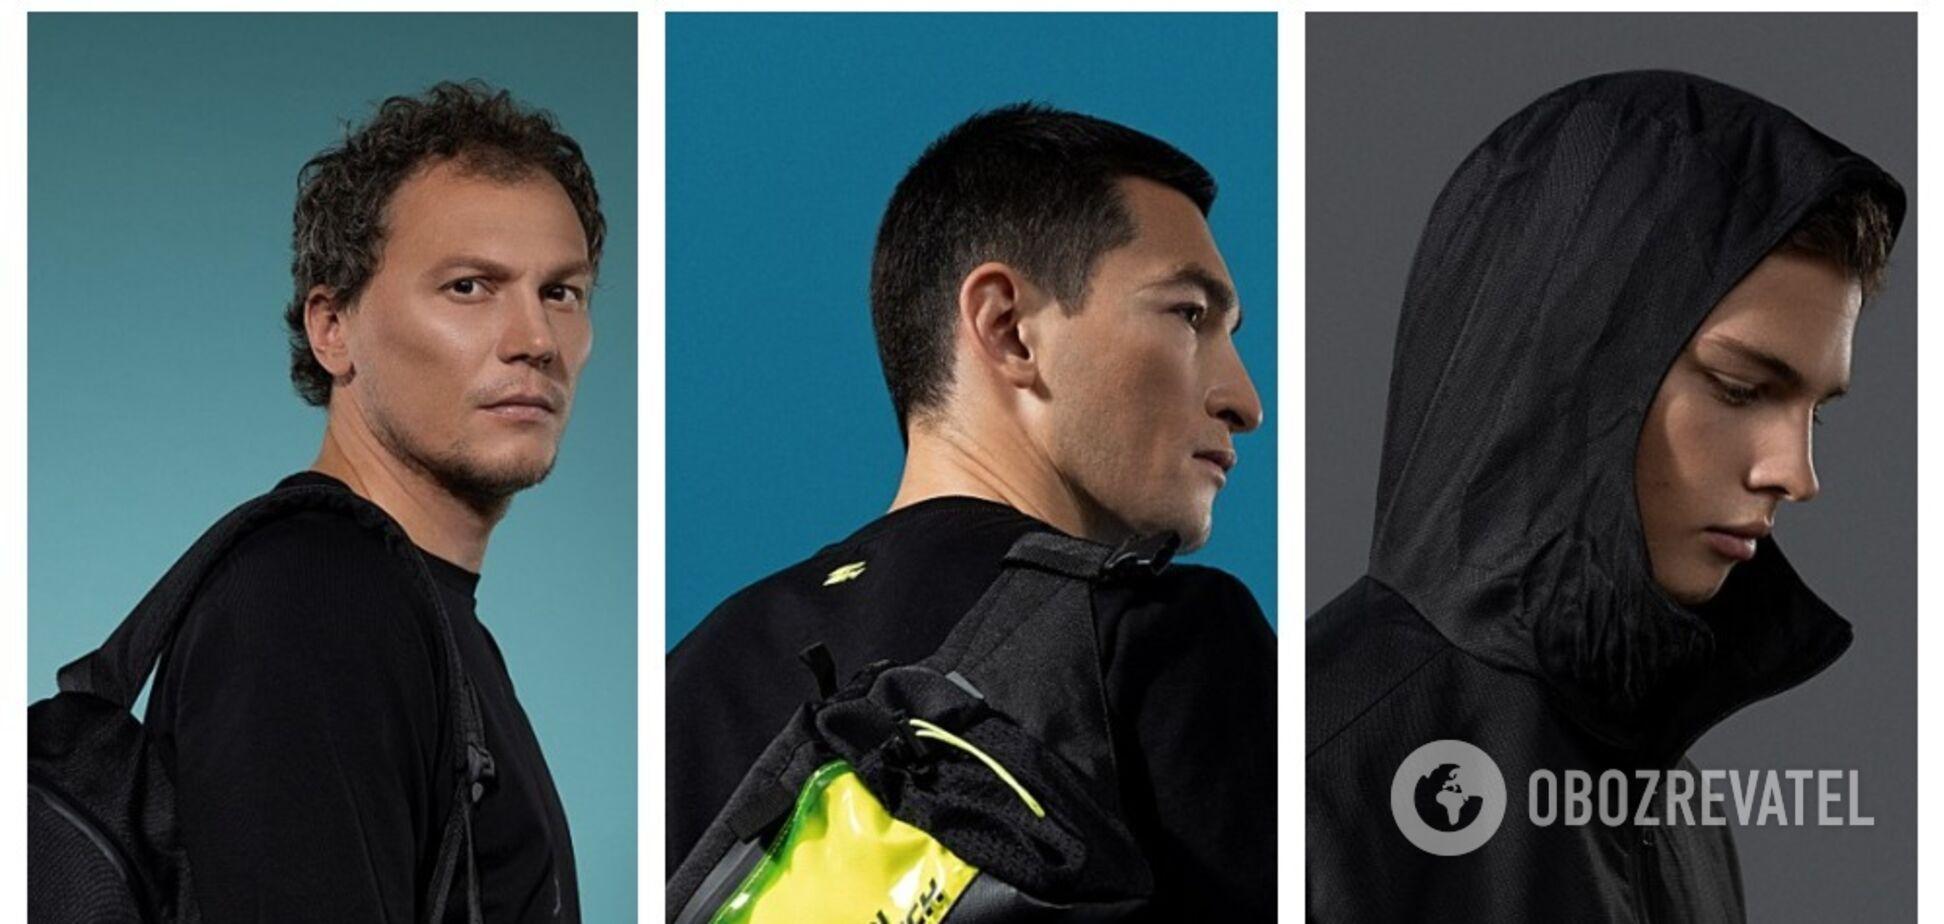 Одежда, подчеркивающая характер. Степаненко, Пятов и Бондарь примерили спортивную кэжуал-коллекцию от PM Store